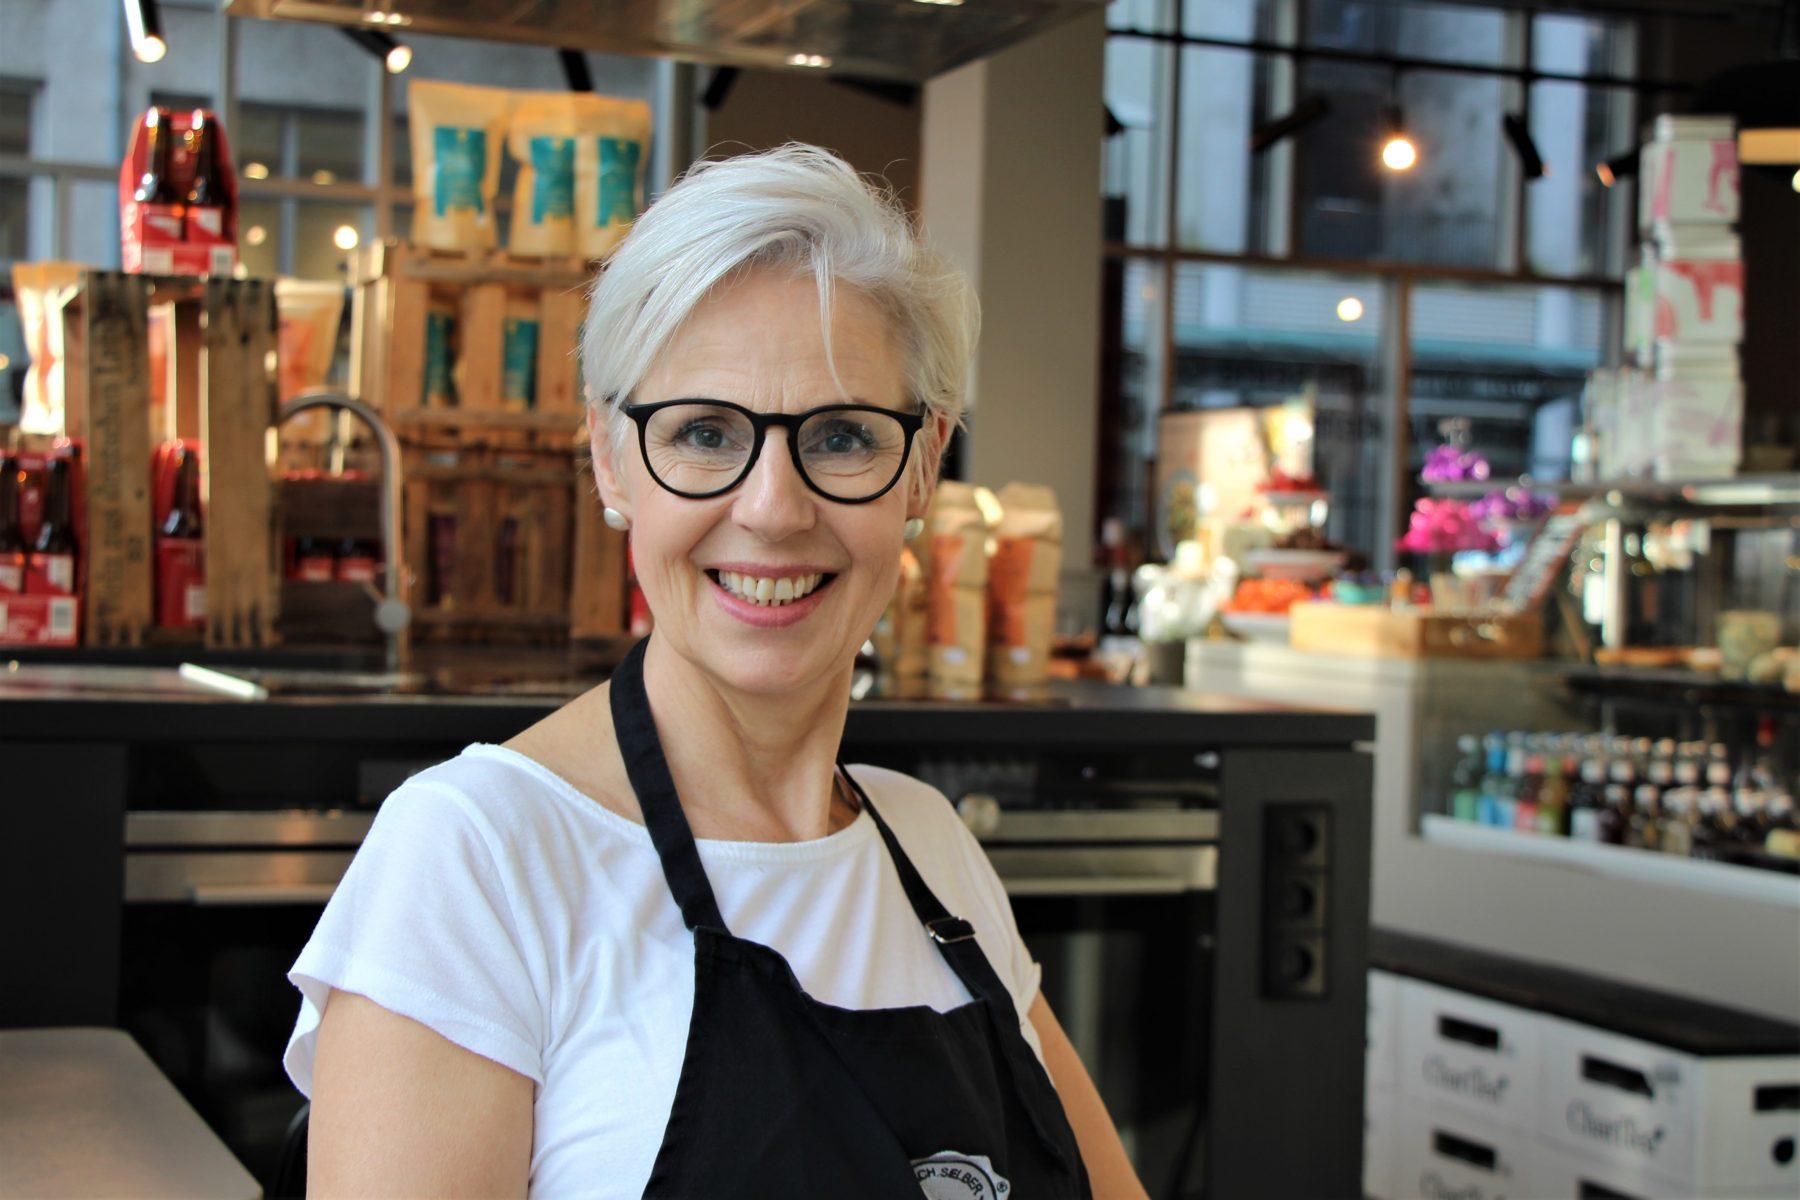 Store Managerin Christiane Lato im Kochhaus-Geschäft Eimsbüttel. Foto: Catharina Rudschies